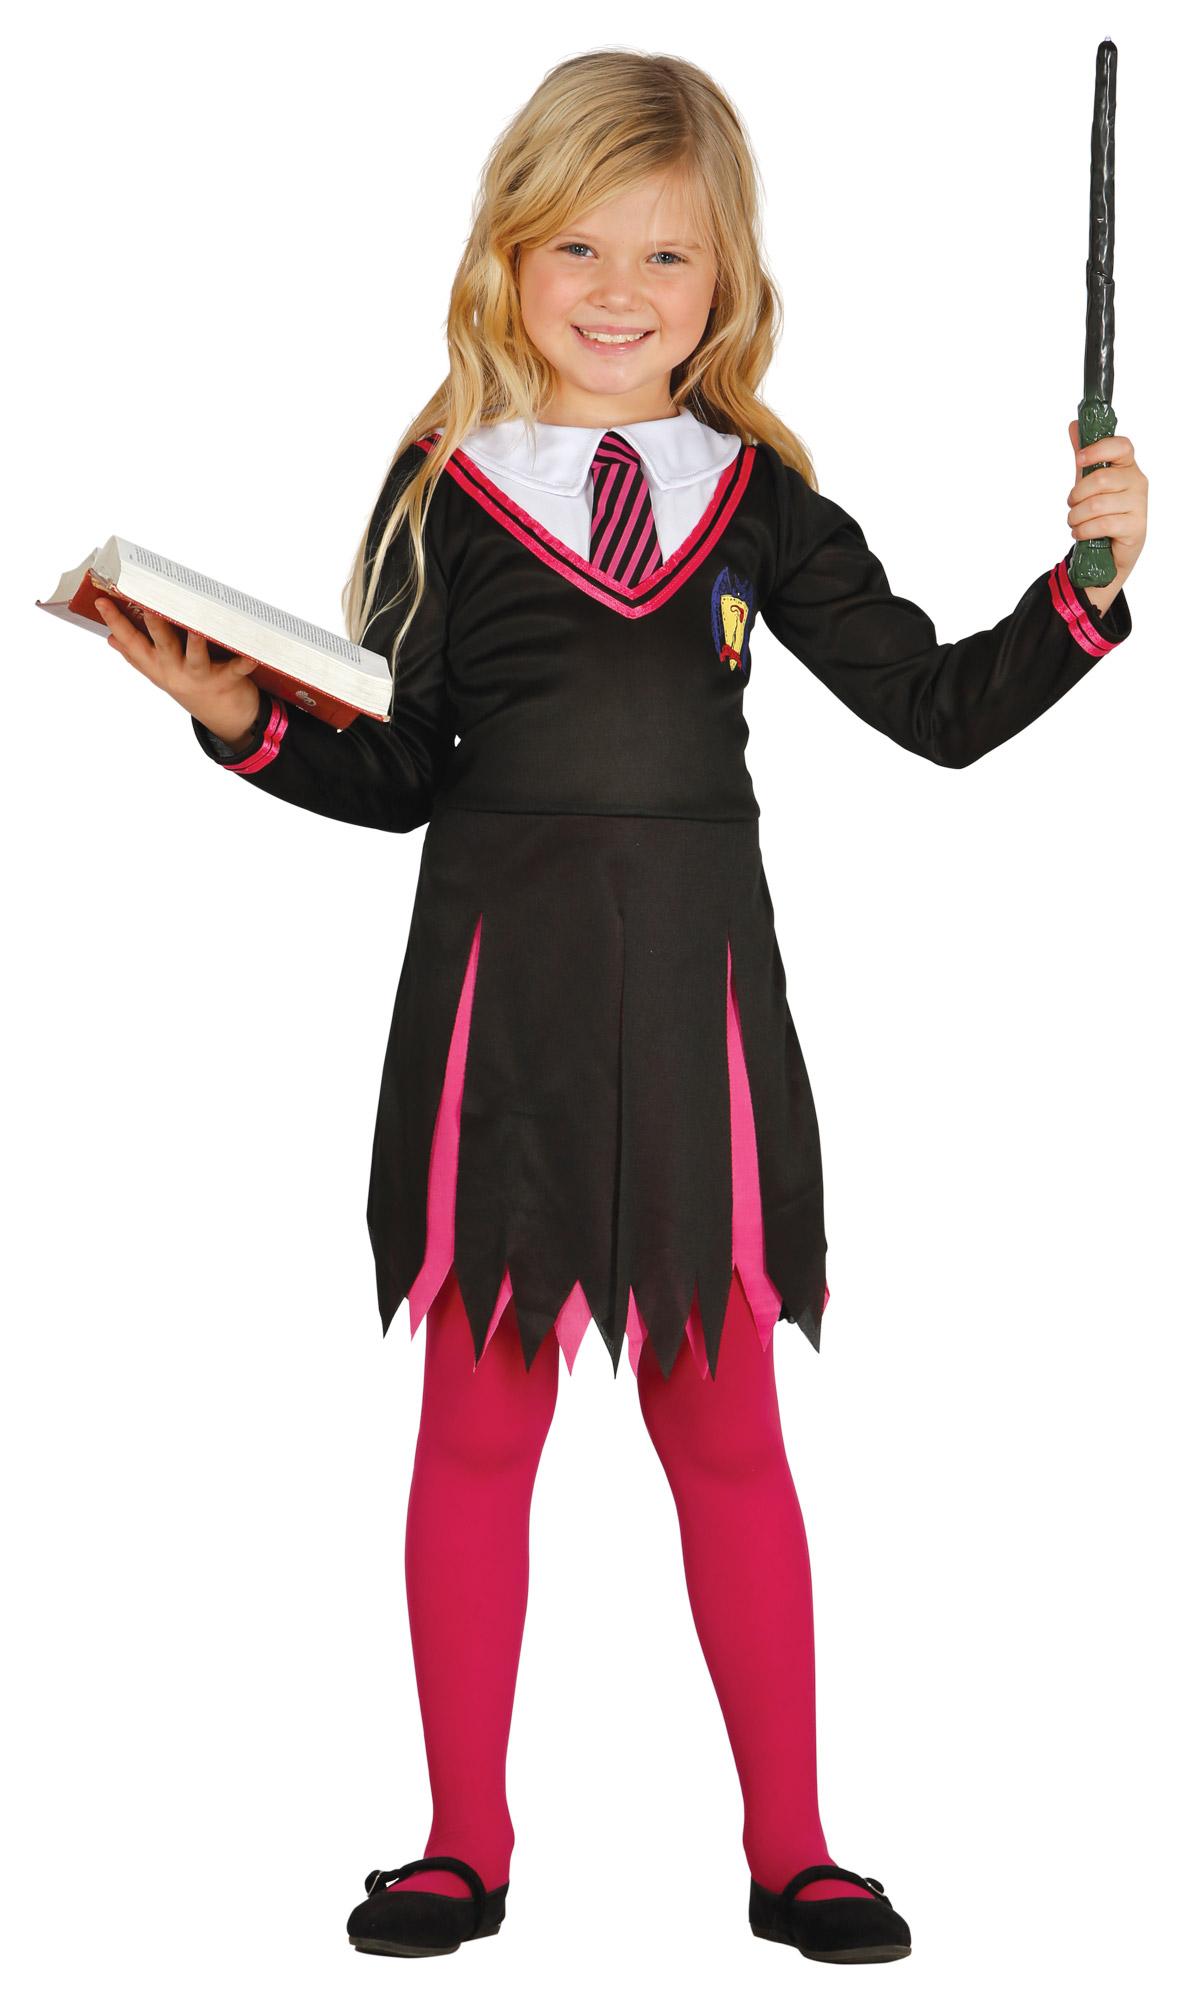 Costume da maga studente per bambina  Costumi bambini b45789239b60